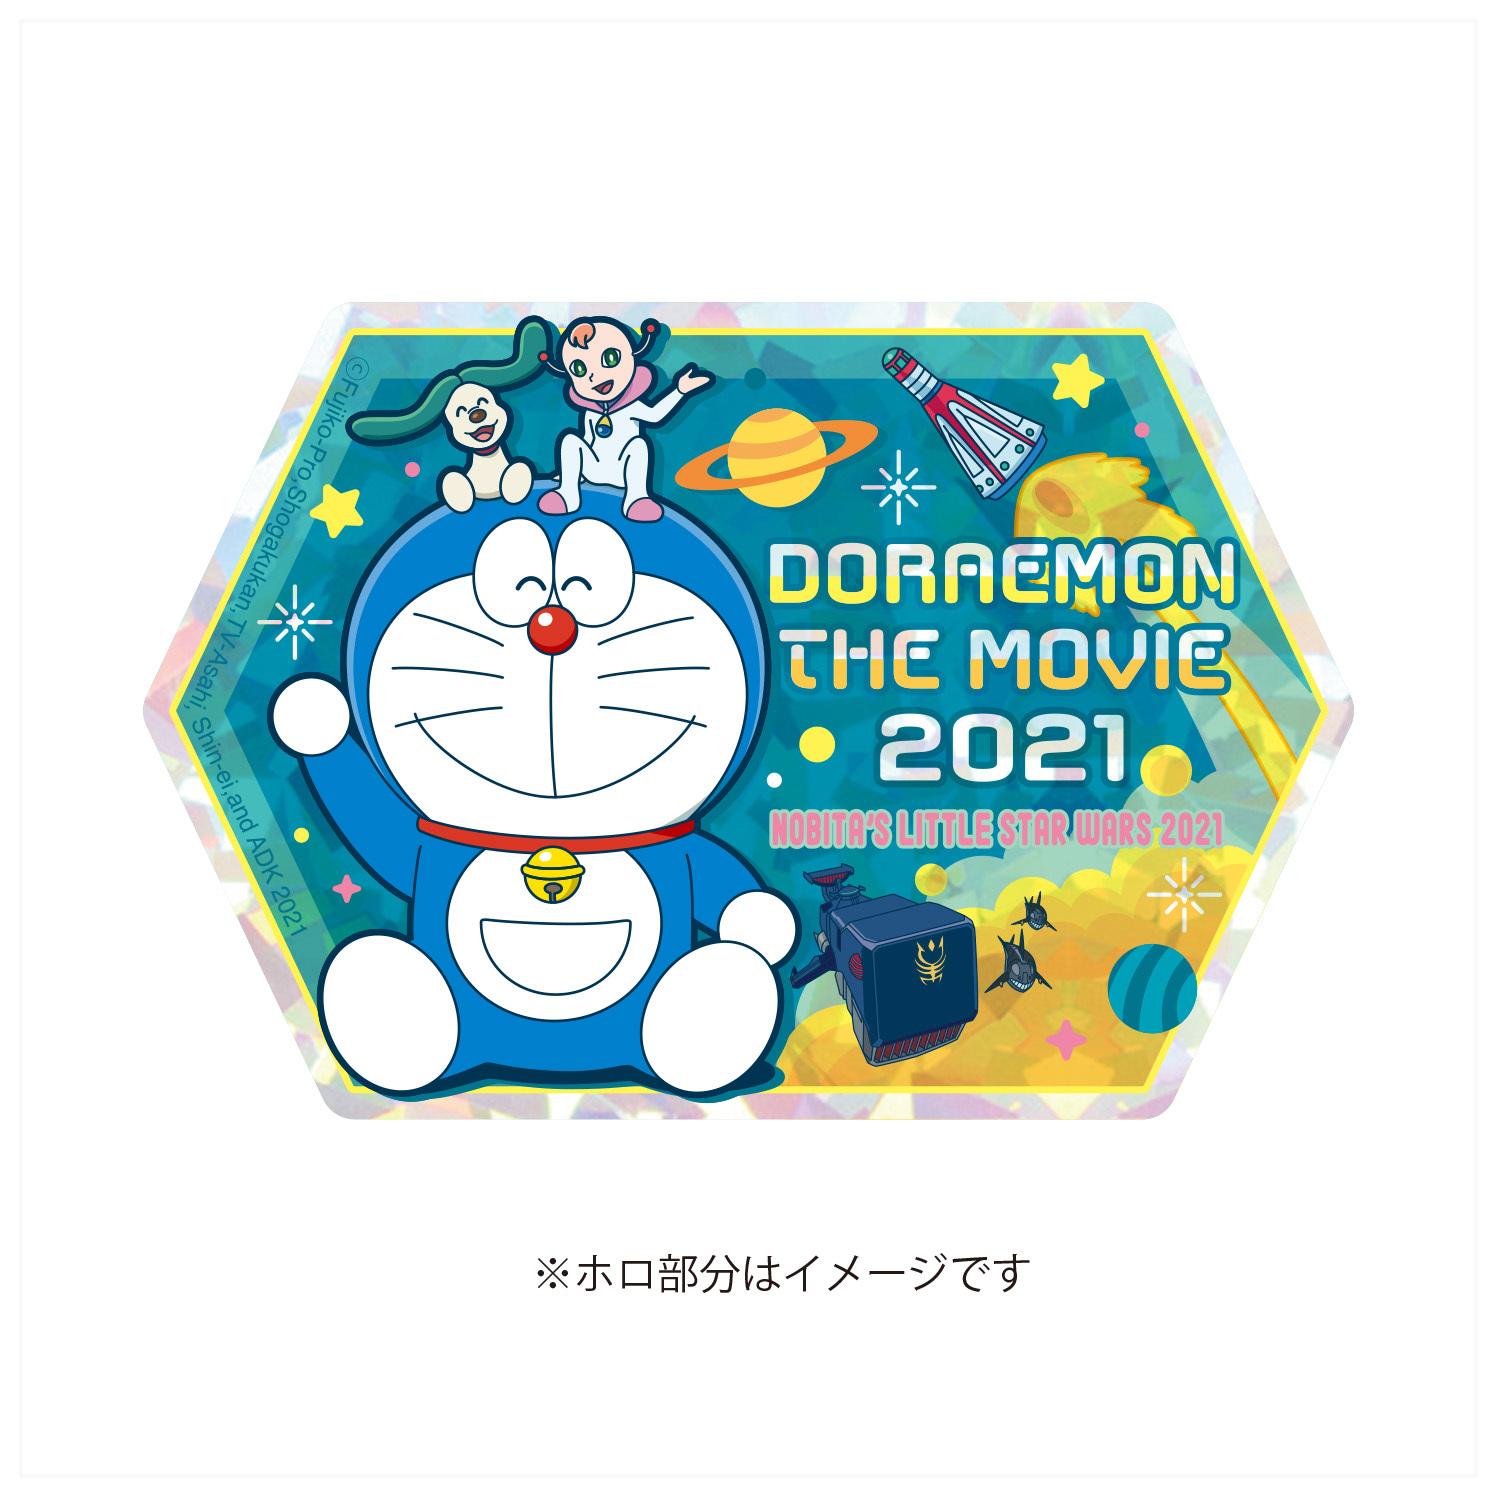 映画ドラえもん のび太の宇宙小戦争 2021 ダイカットホロステッカー (4) / エンスカイ